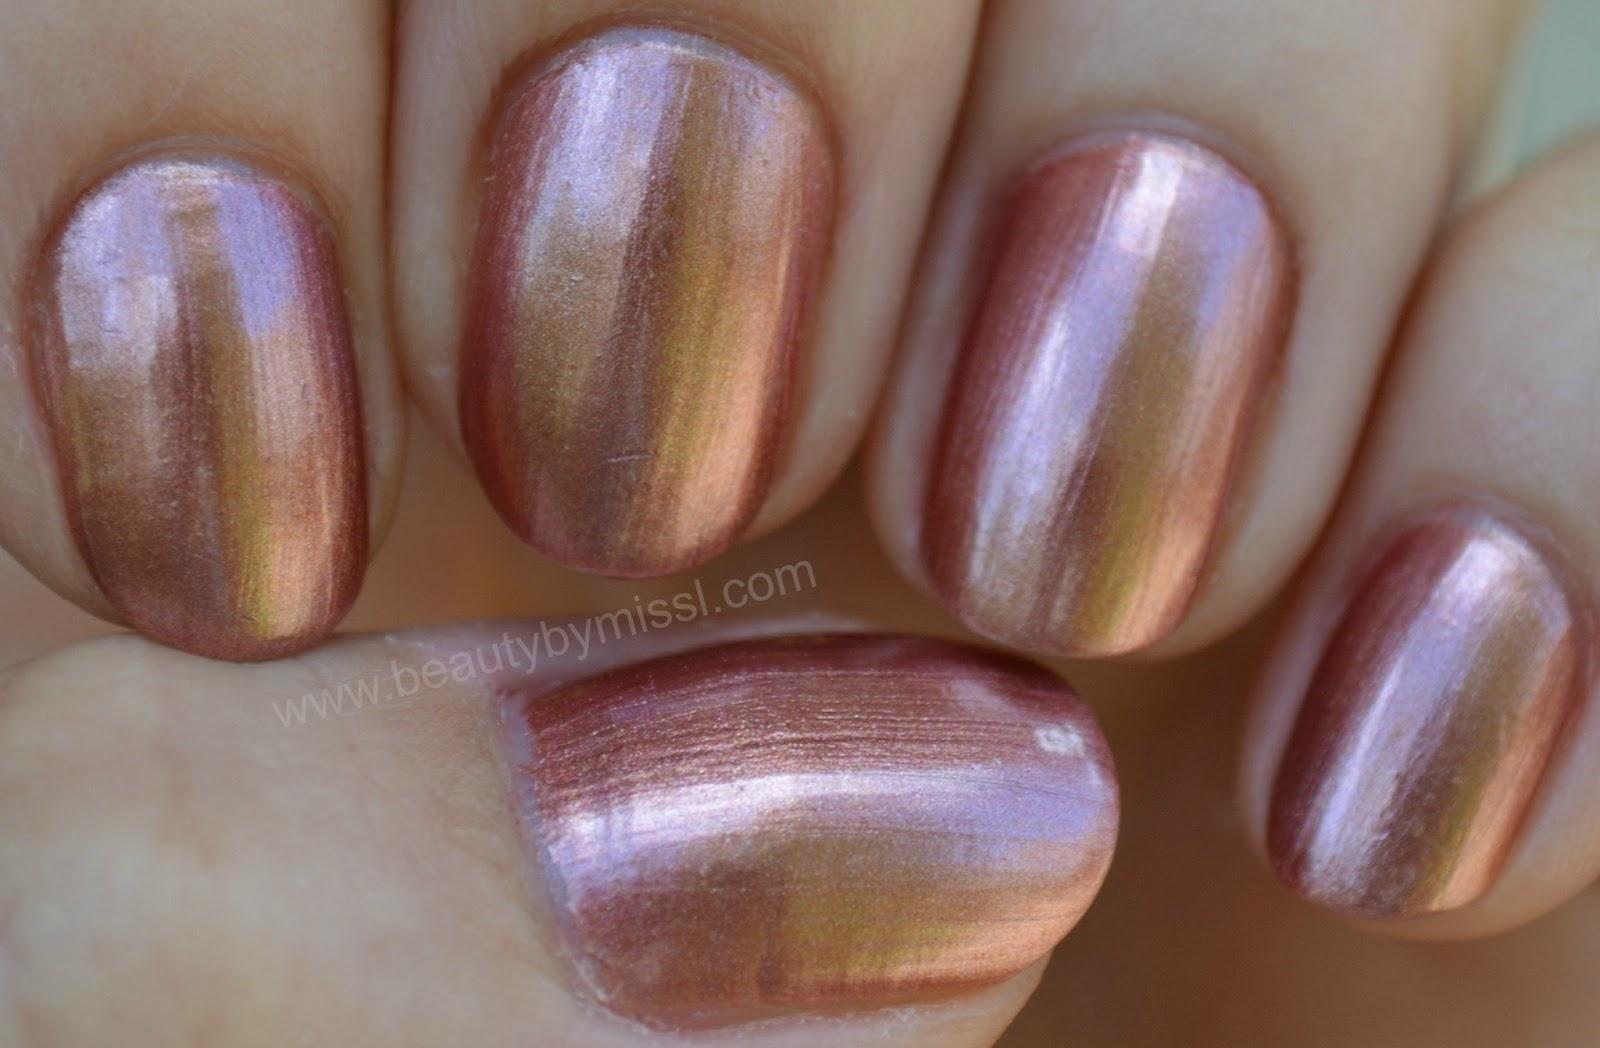 nails of the day, sally hansen nail polish